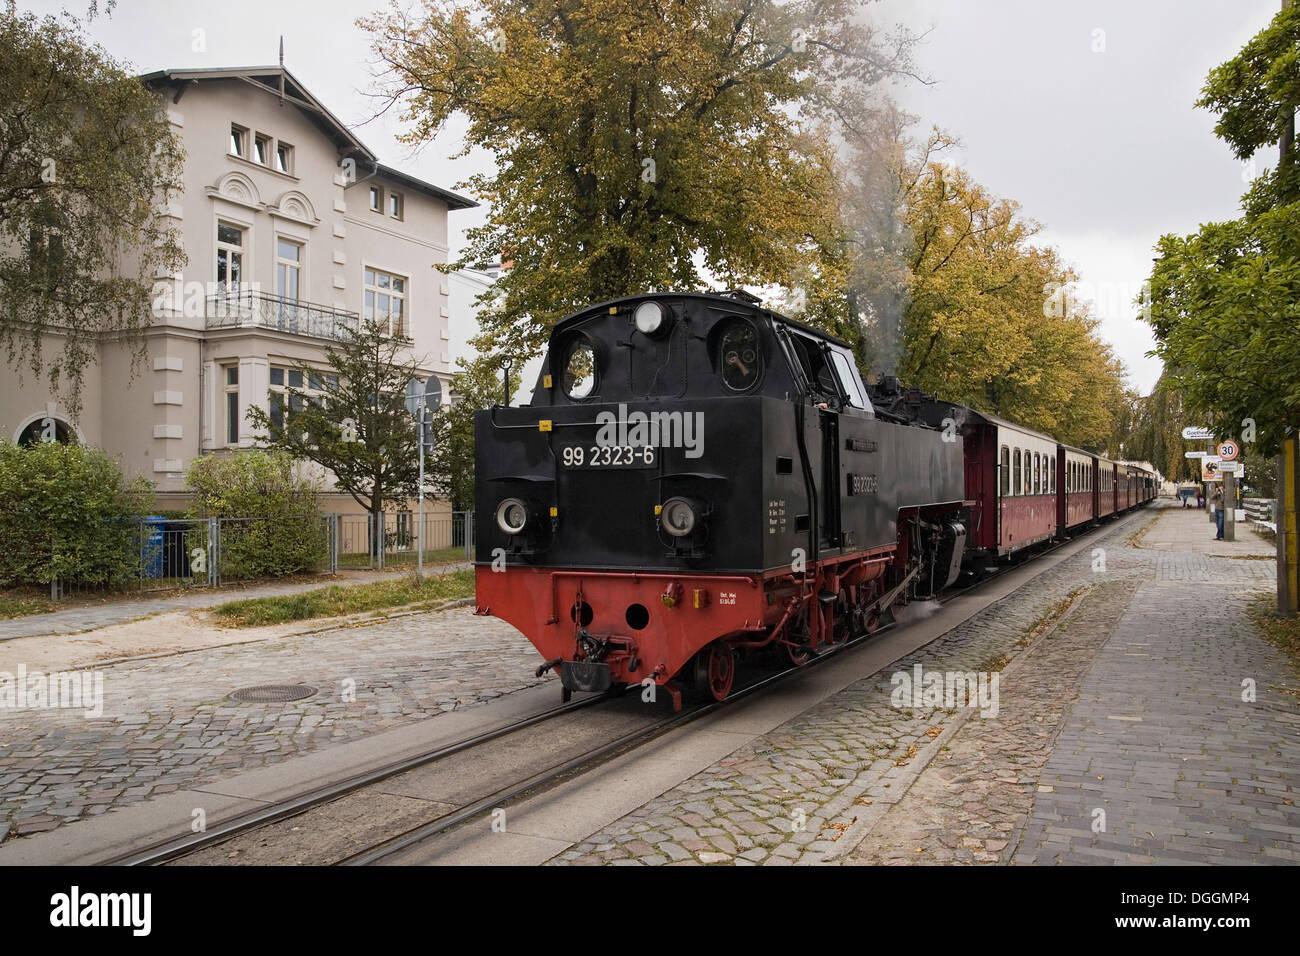 Baederbahn molli, eine Schmalspurige Dampf-Bahn betrieben, an der Goethestraße Bahnhof in Bad Doberan Stockfoto